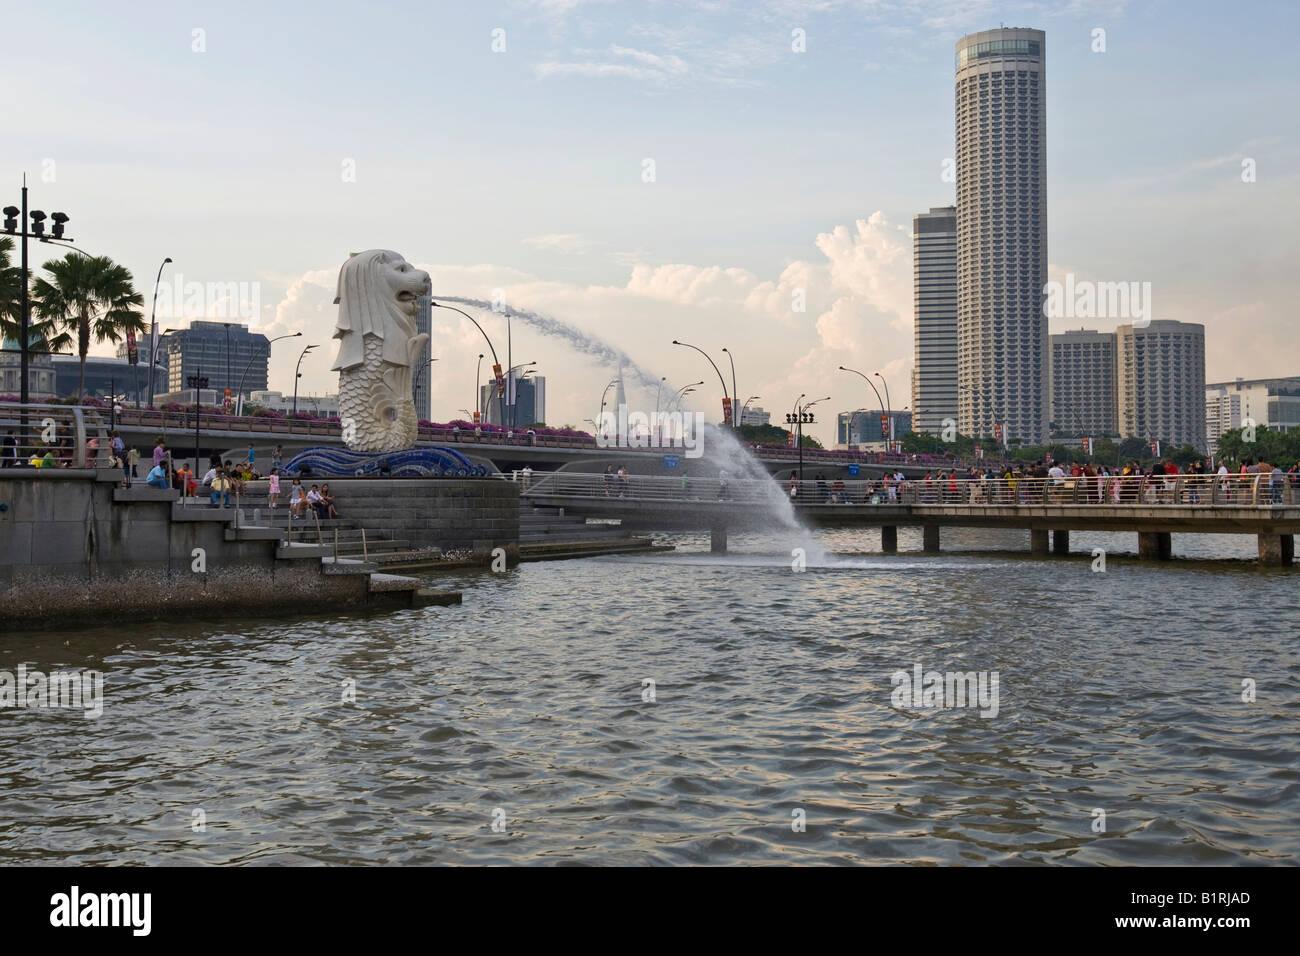 Quartier financier de Singapour sur la Marina Bay derrière la statue de Merlion, mi-poisson, mi-lion, mascotte de Singapour, S Banque D'Images